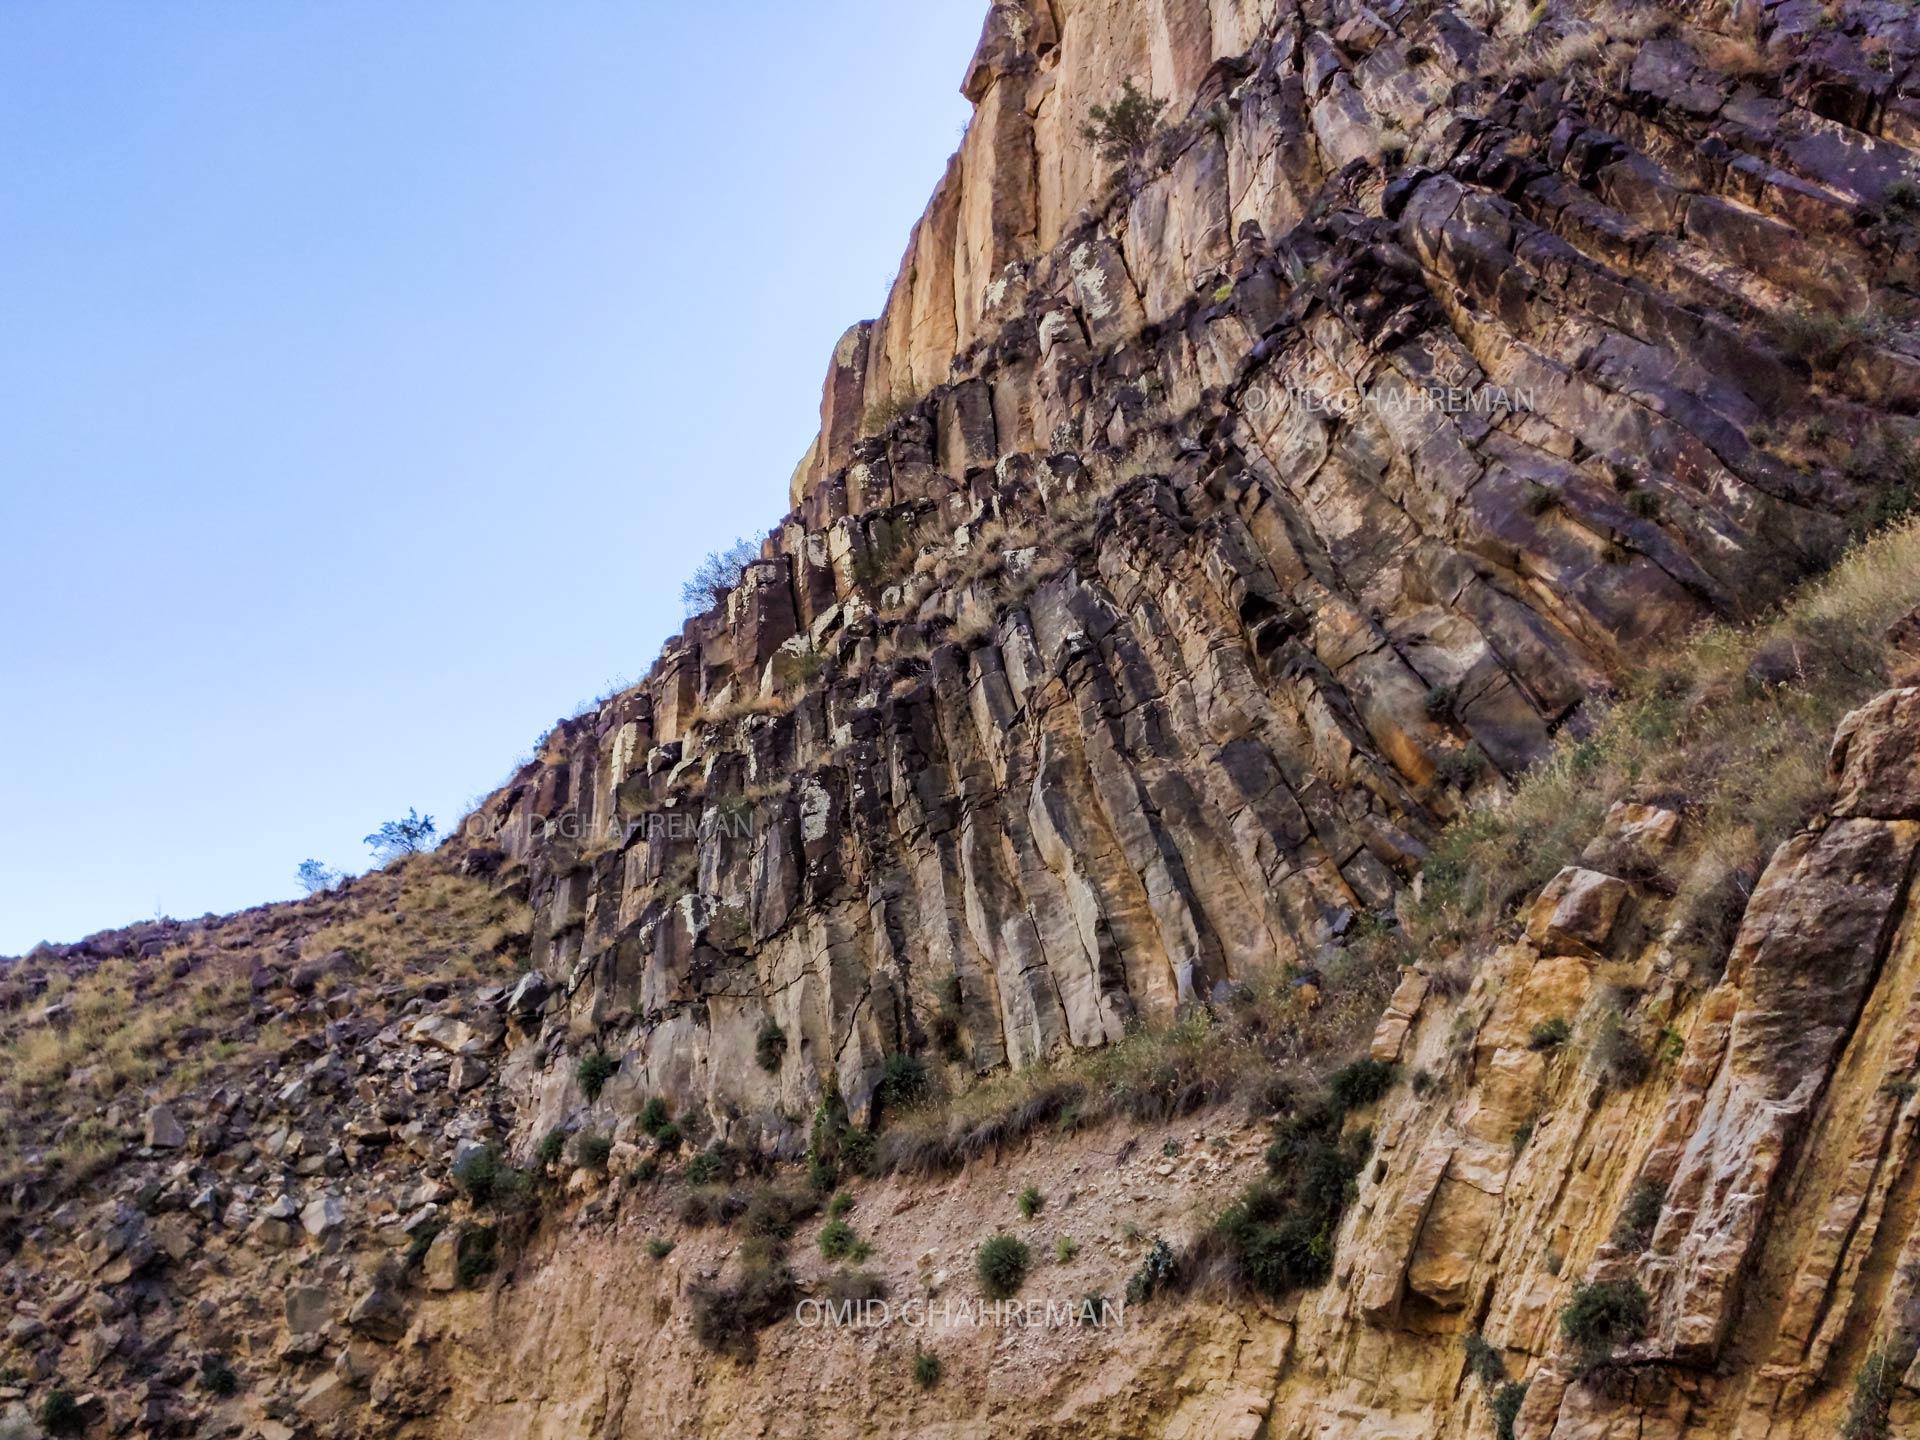 لایه های آذرین سرد شده و منشور های بازالتی در درون دره فرعی قیرمیزیلیخ Basalt columns of volcanic activity